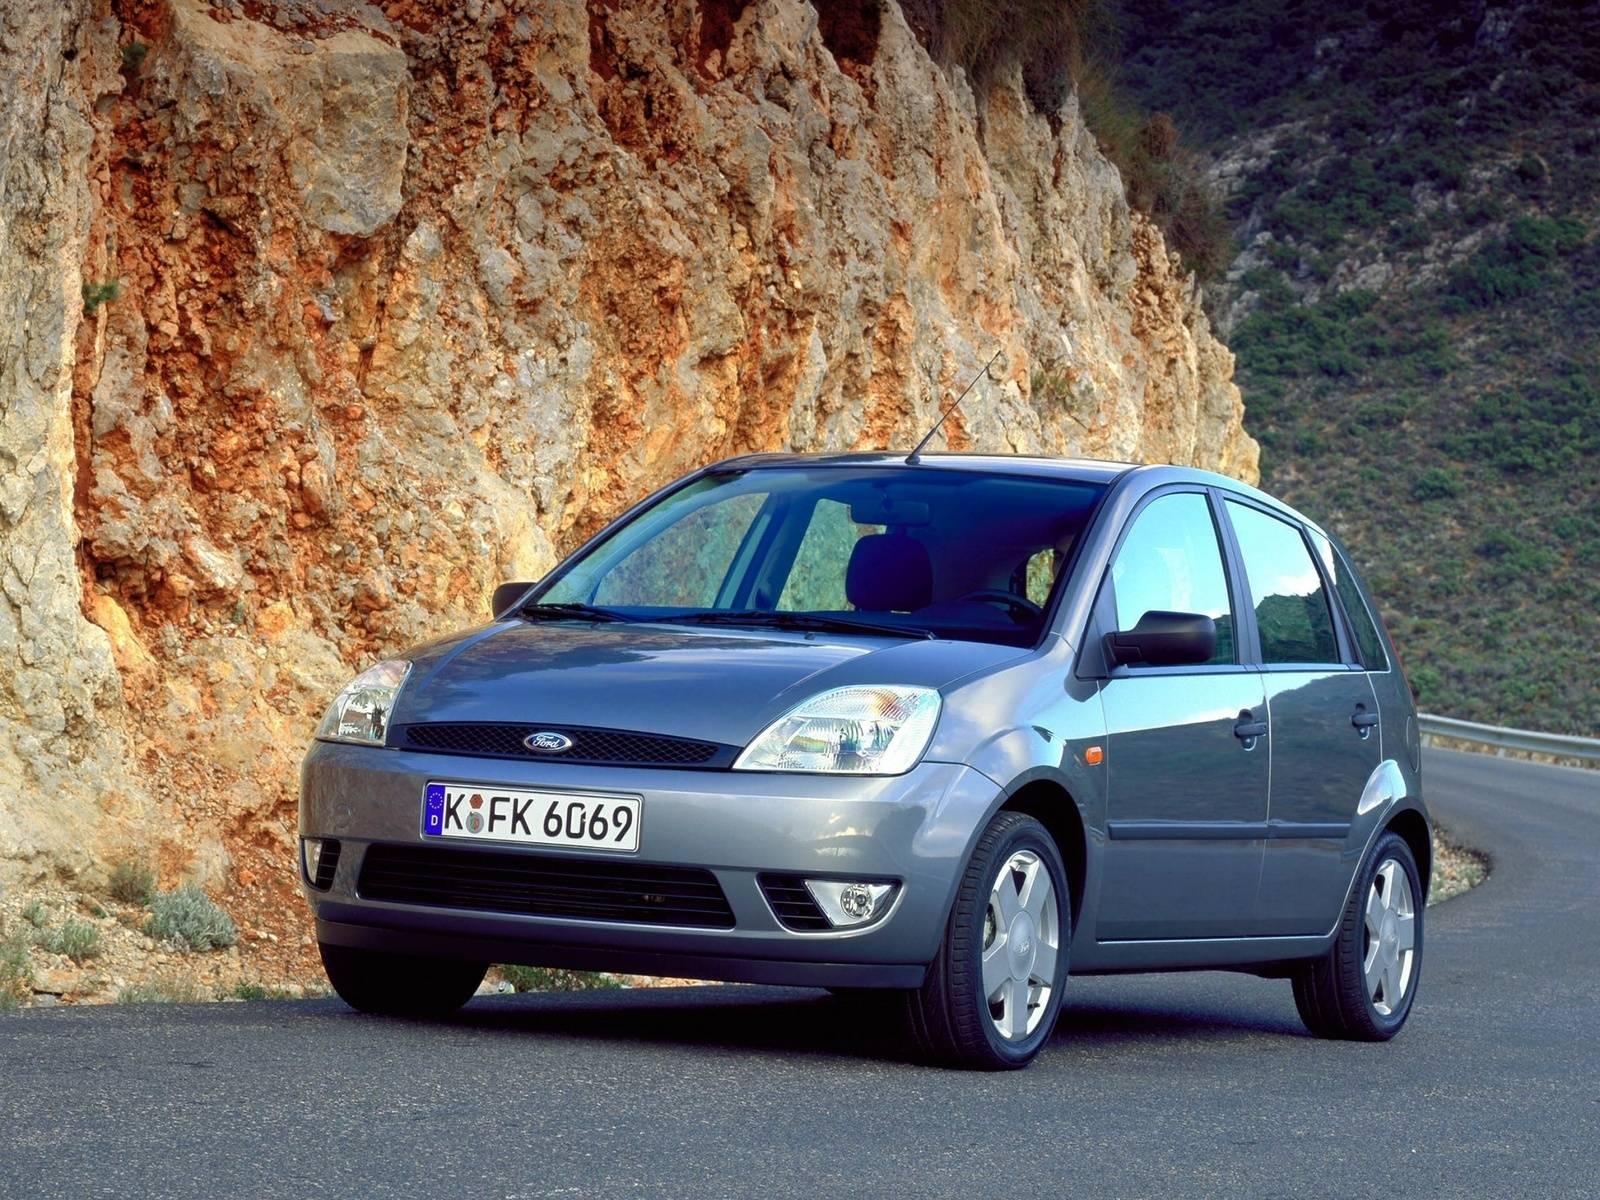 Дешево и не стыдно: кому подойдет Ford Fiesta Mk5